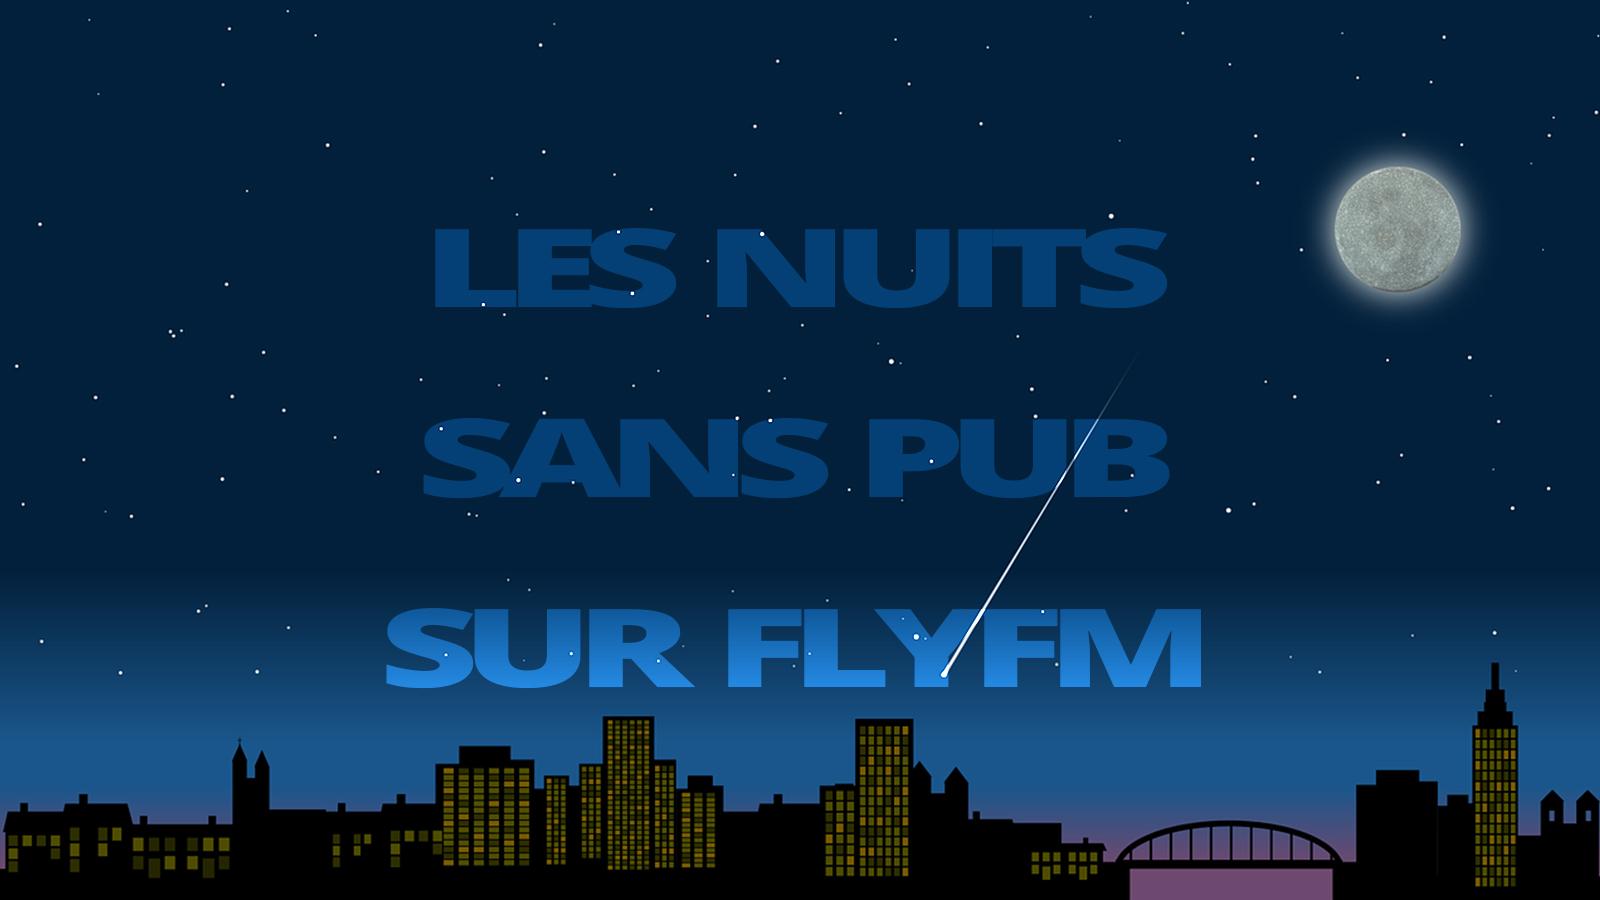 Les Nuits sans pub